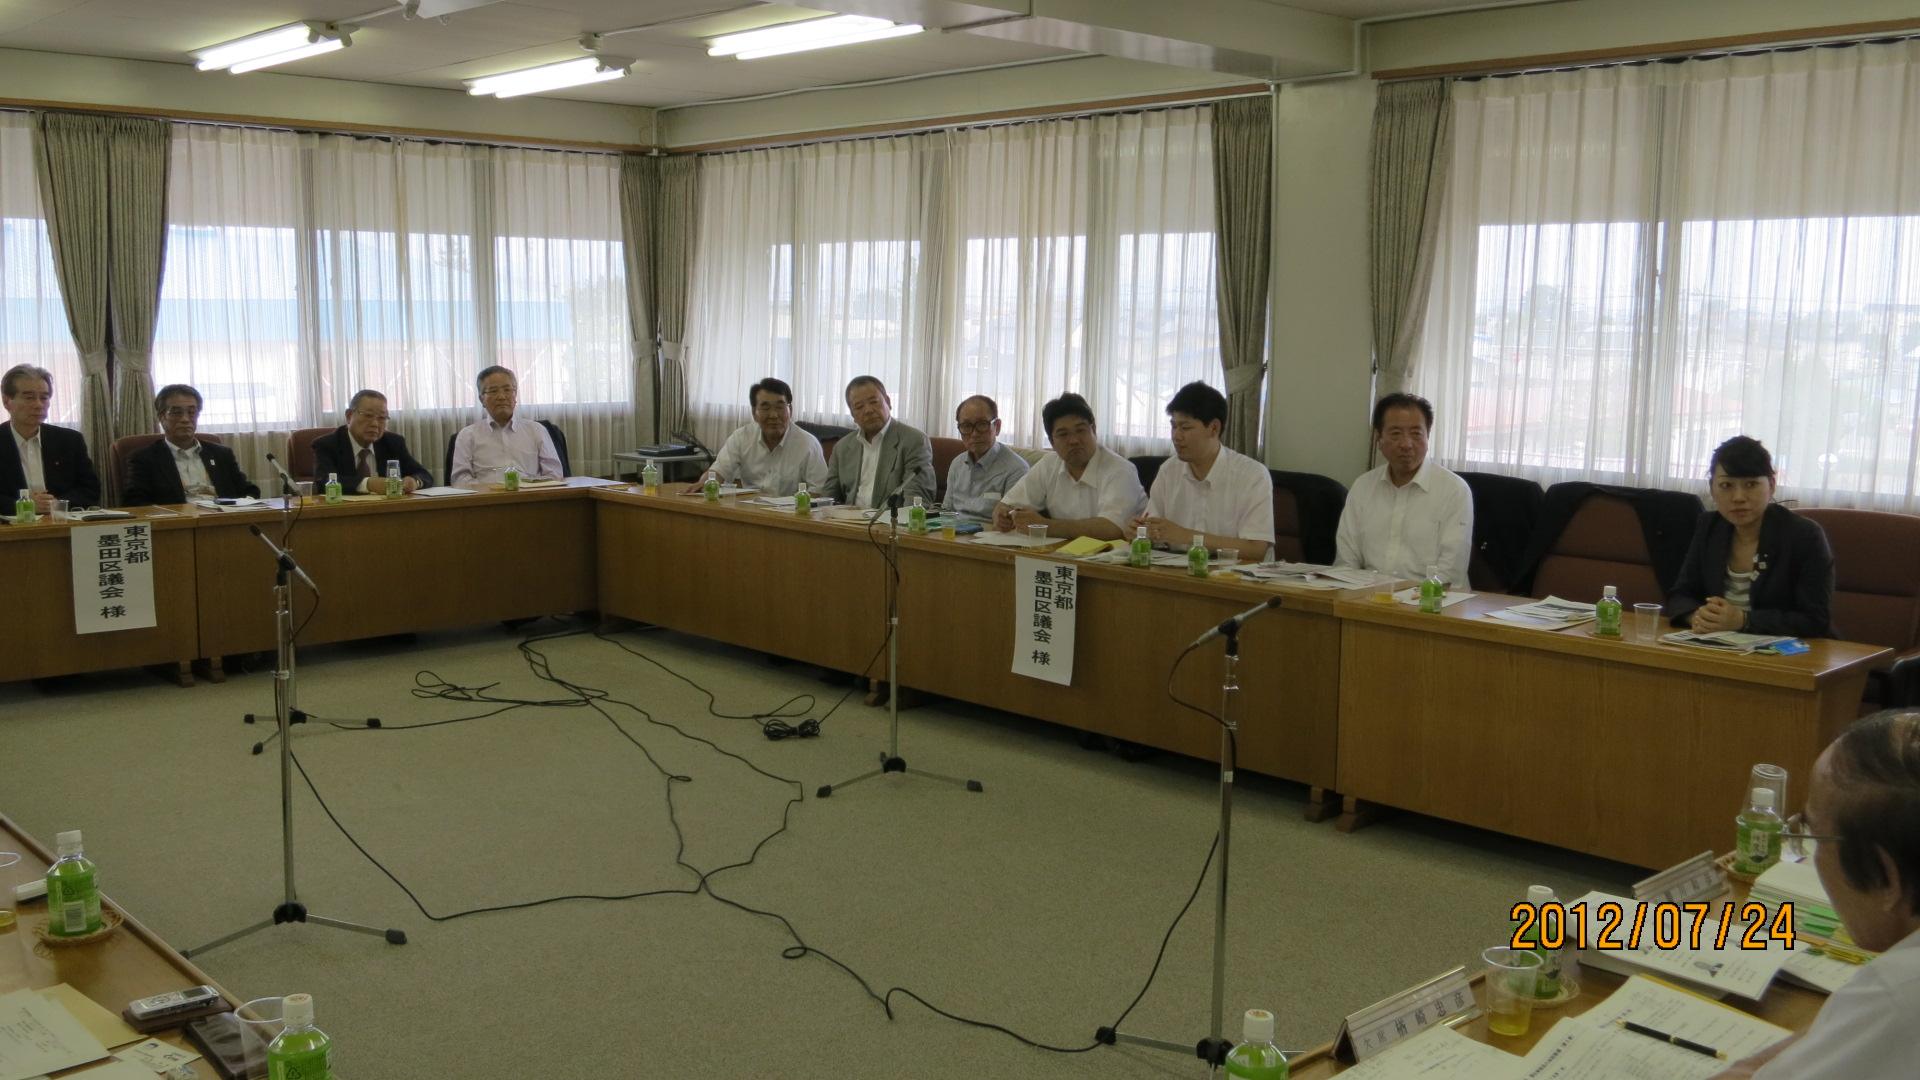 http://h-okiyama-sumida.jp/blog/2012/09/10/IMG_0594.JPG